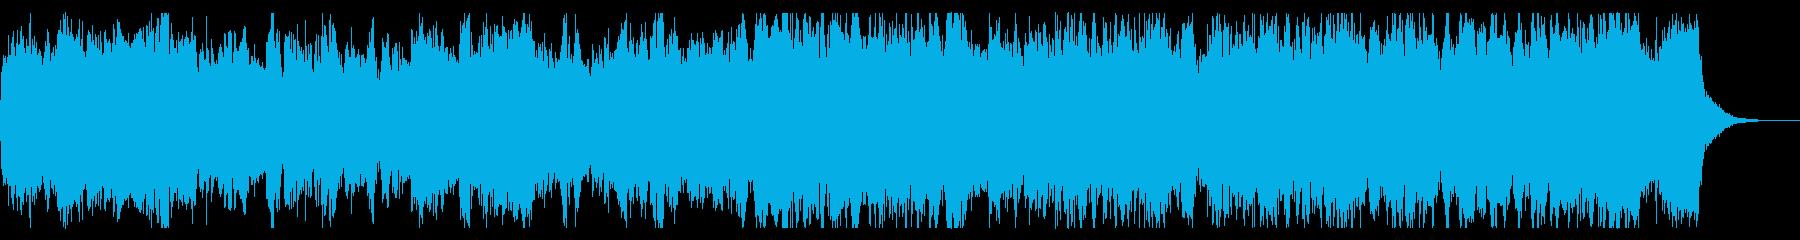 シネマチックでダークなオープニングの再生済みの波形